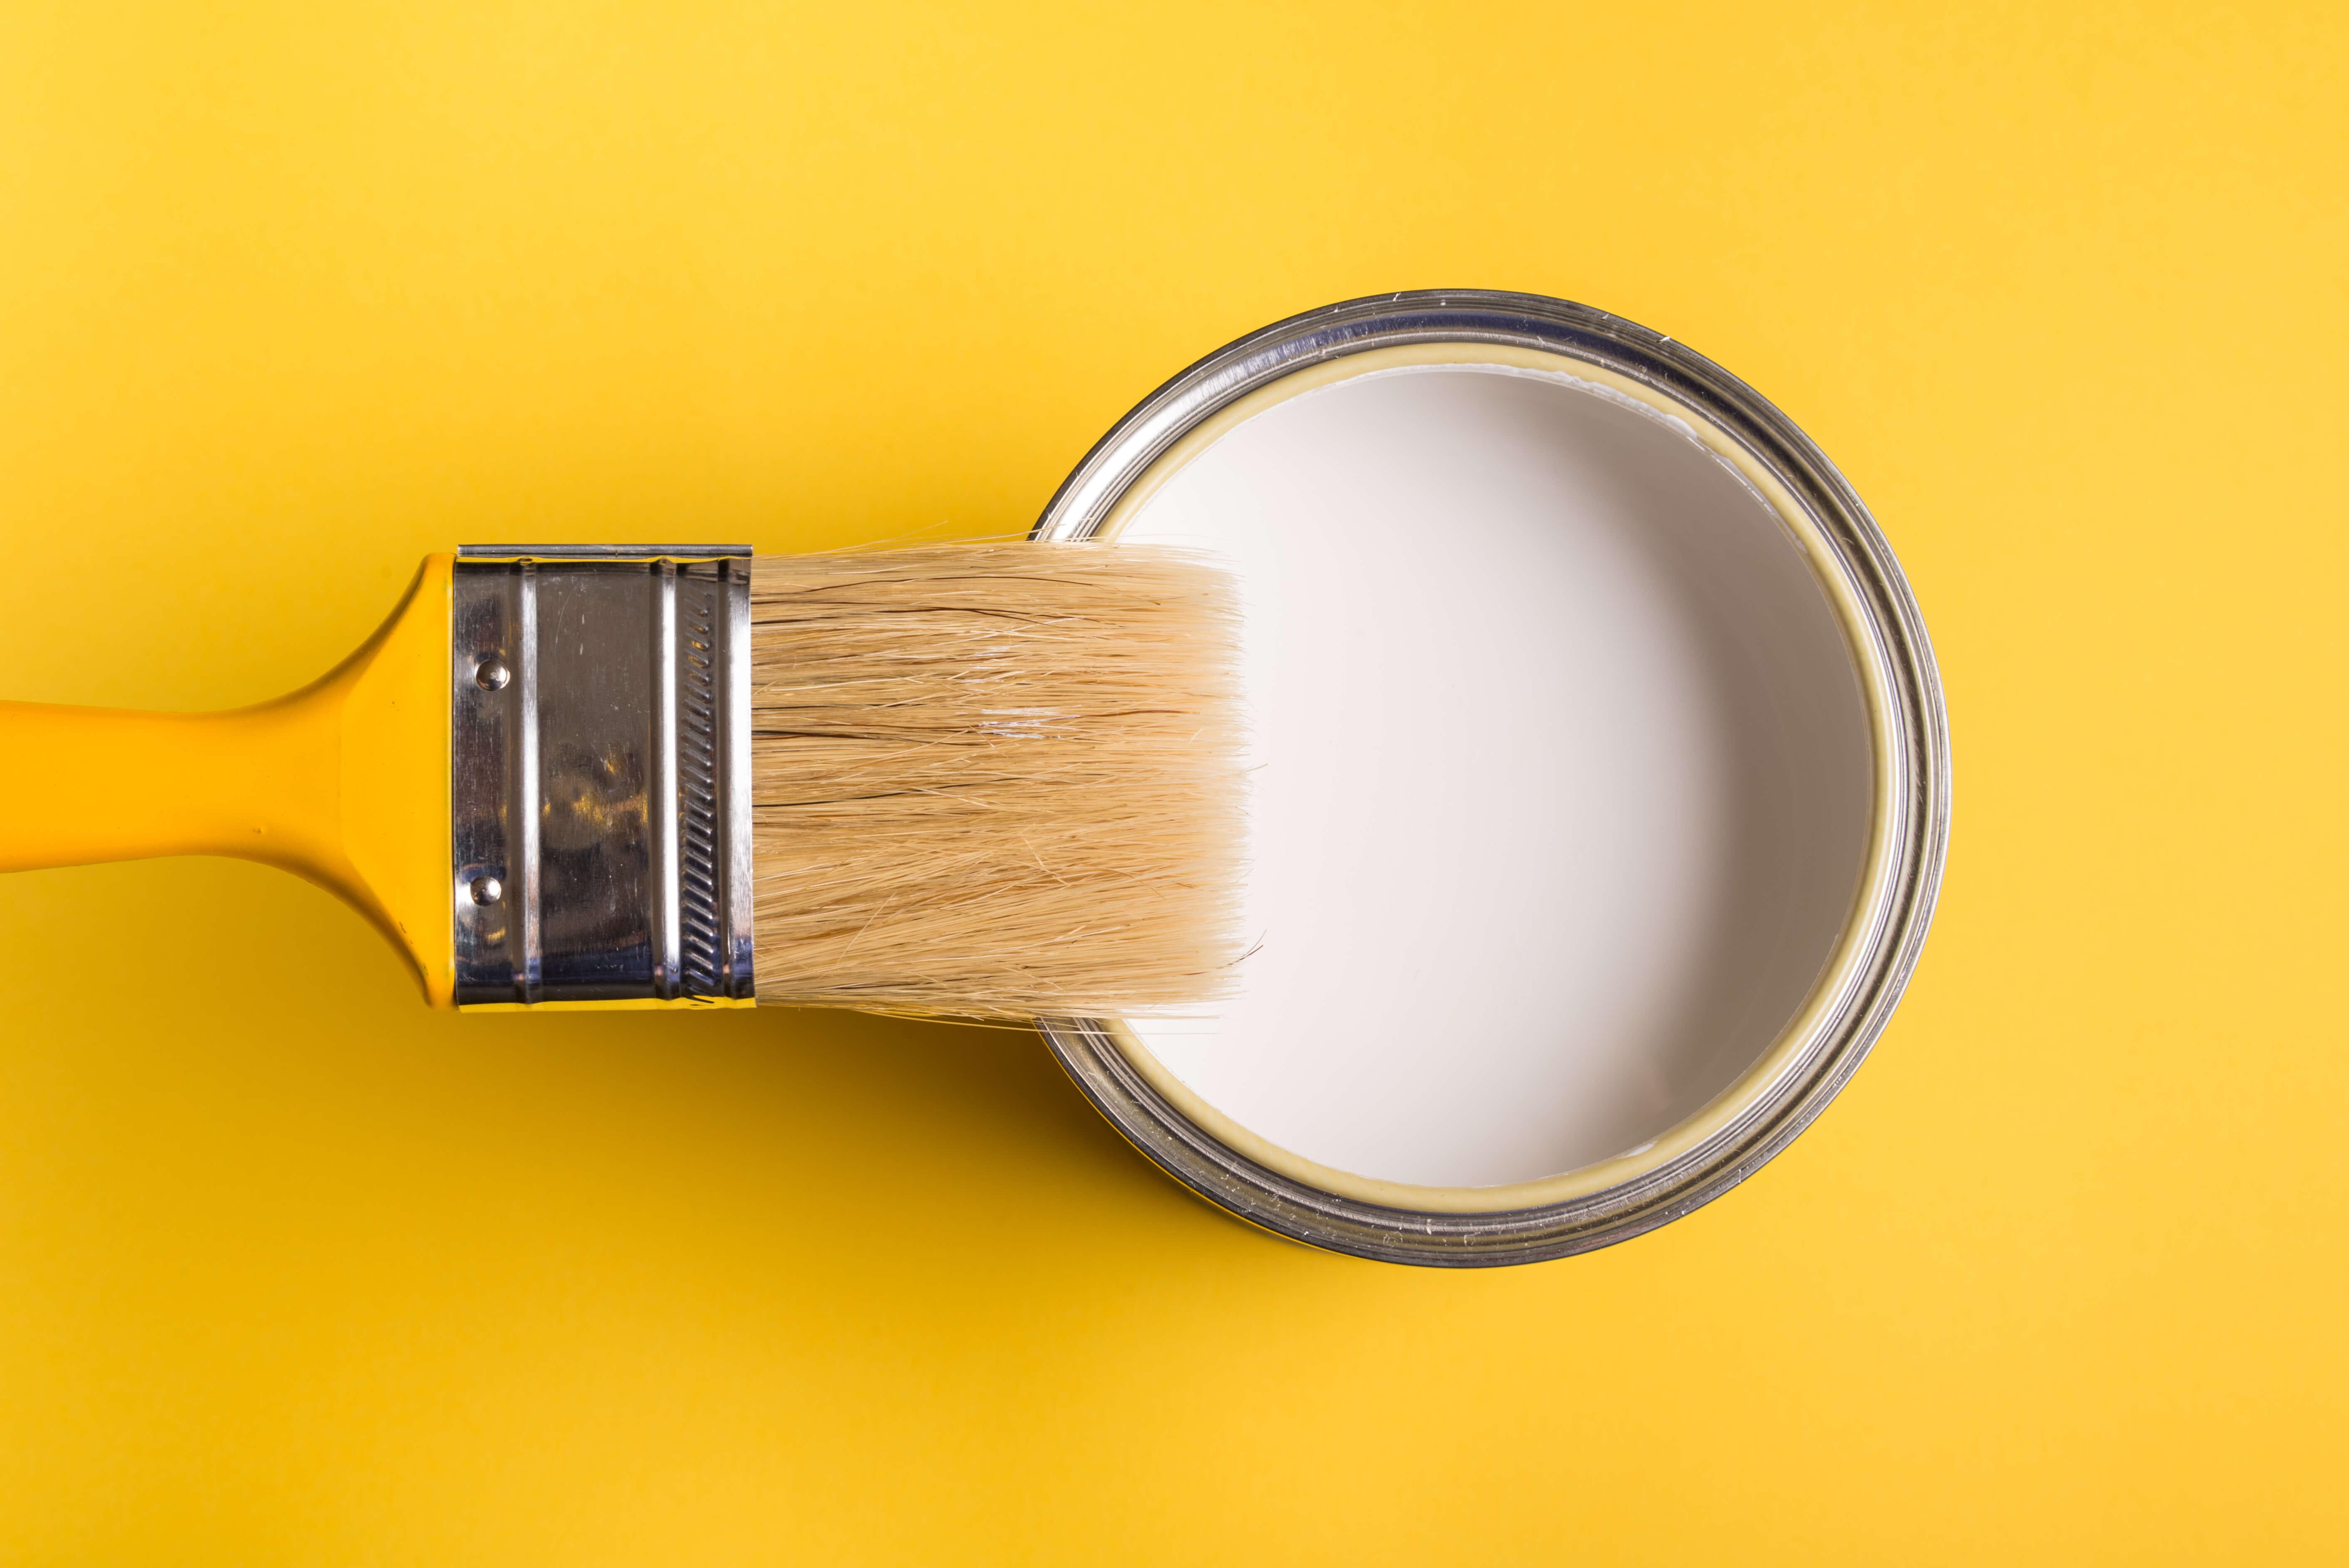 シリコン塗料 塗料と黄色い刷毛